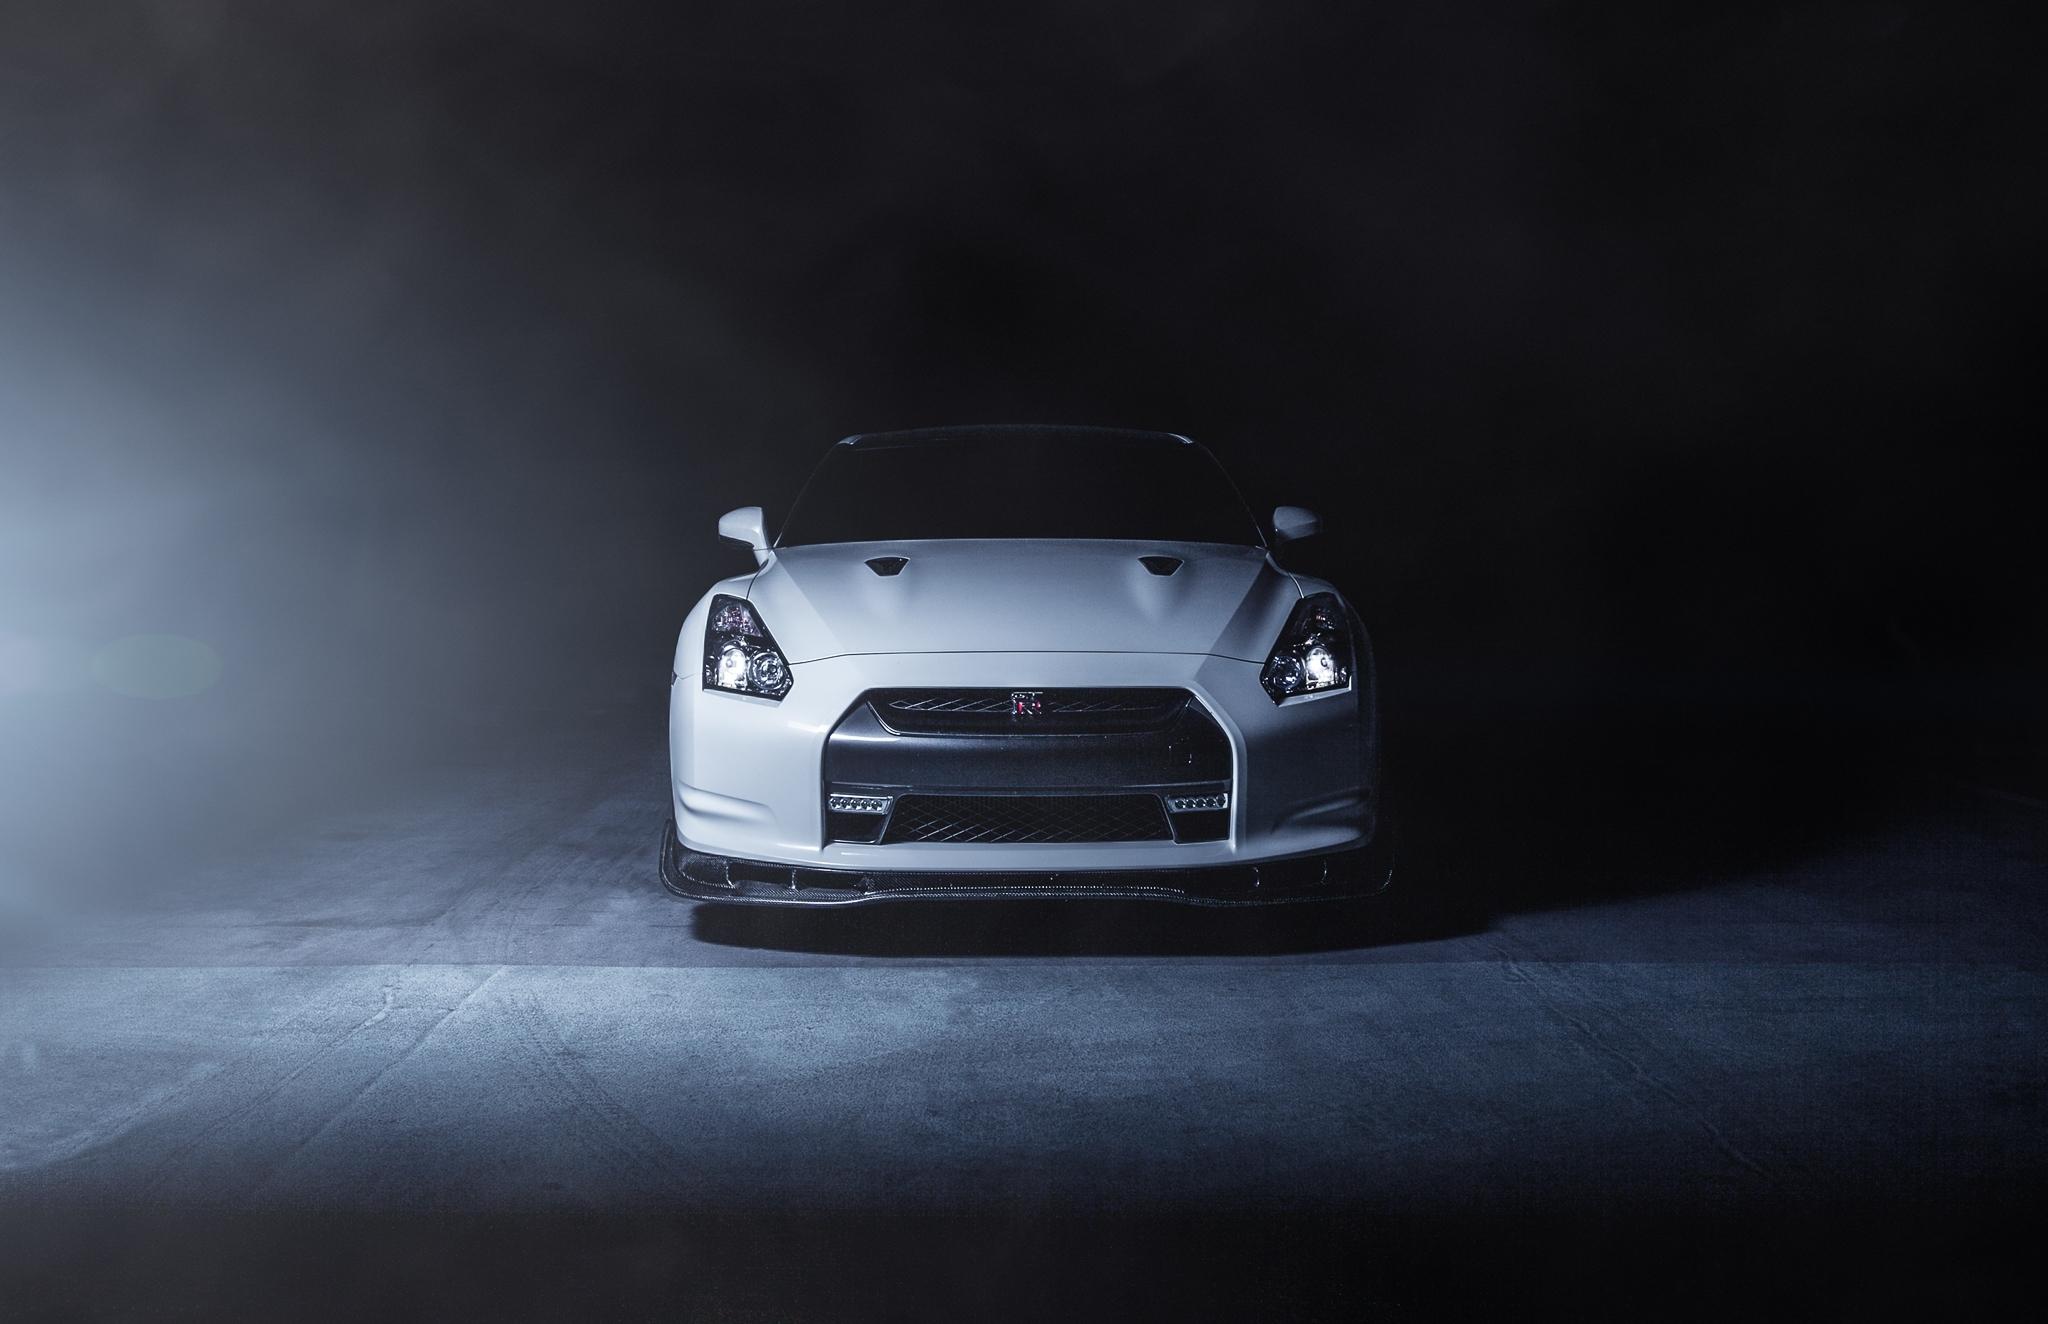 Wallpaper White Smoke Sports Car Nissan Gt R Coupe